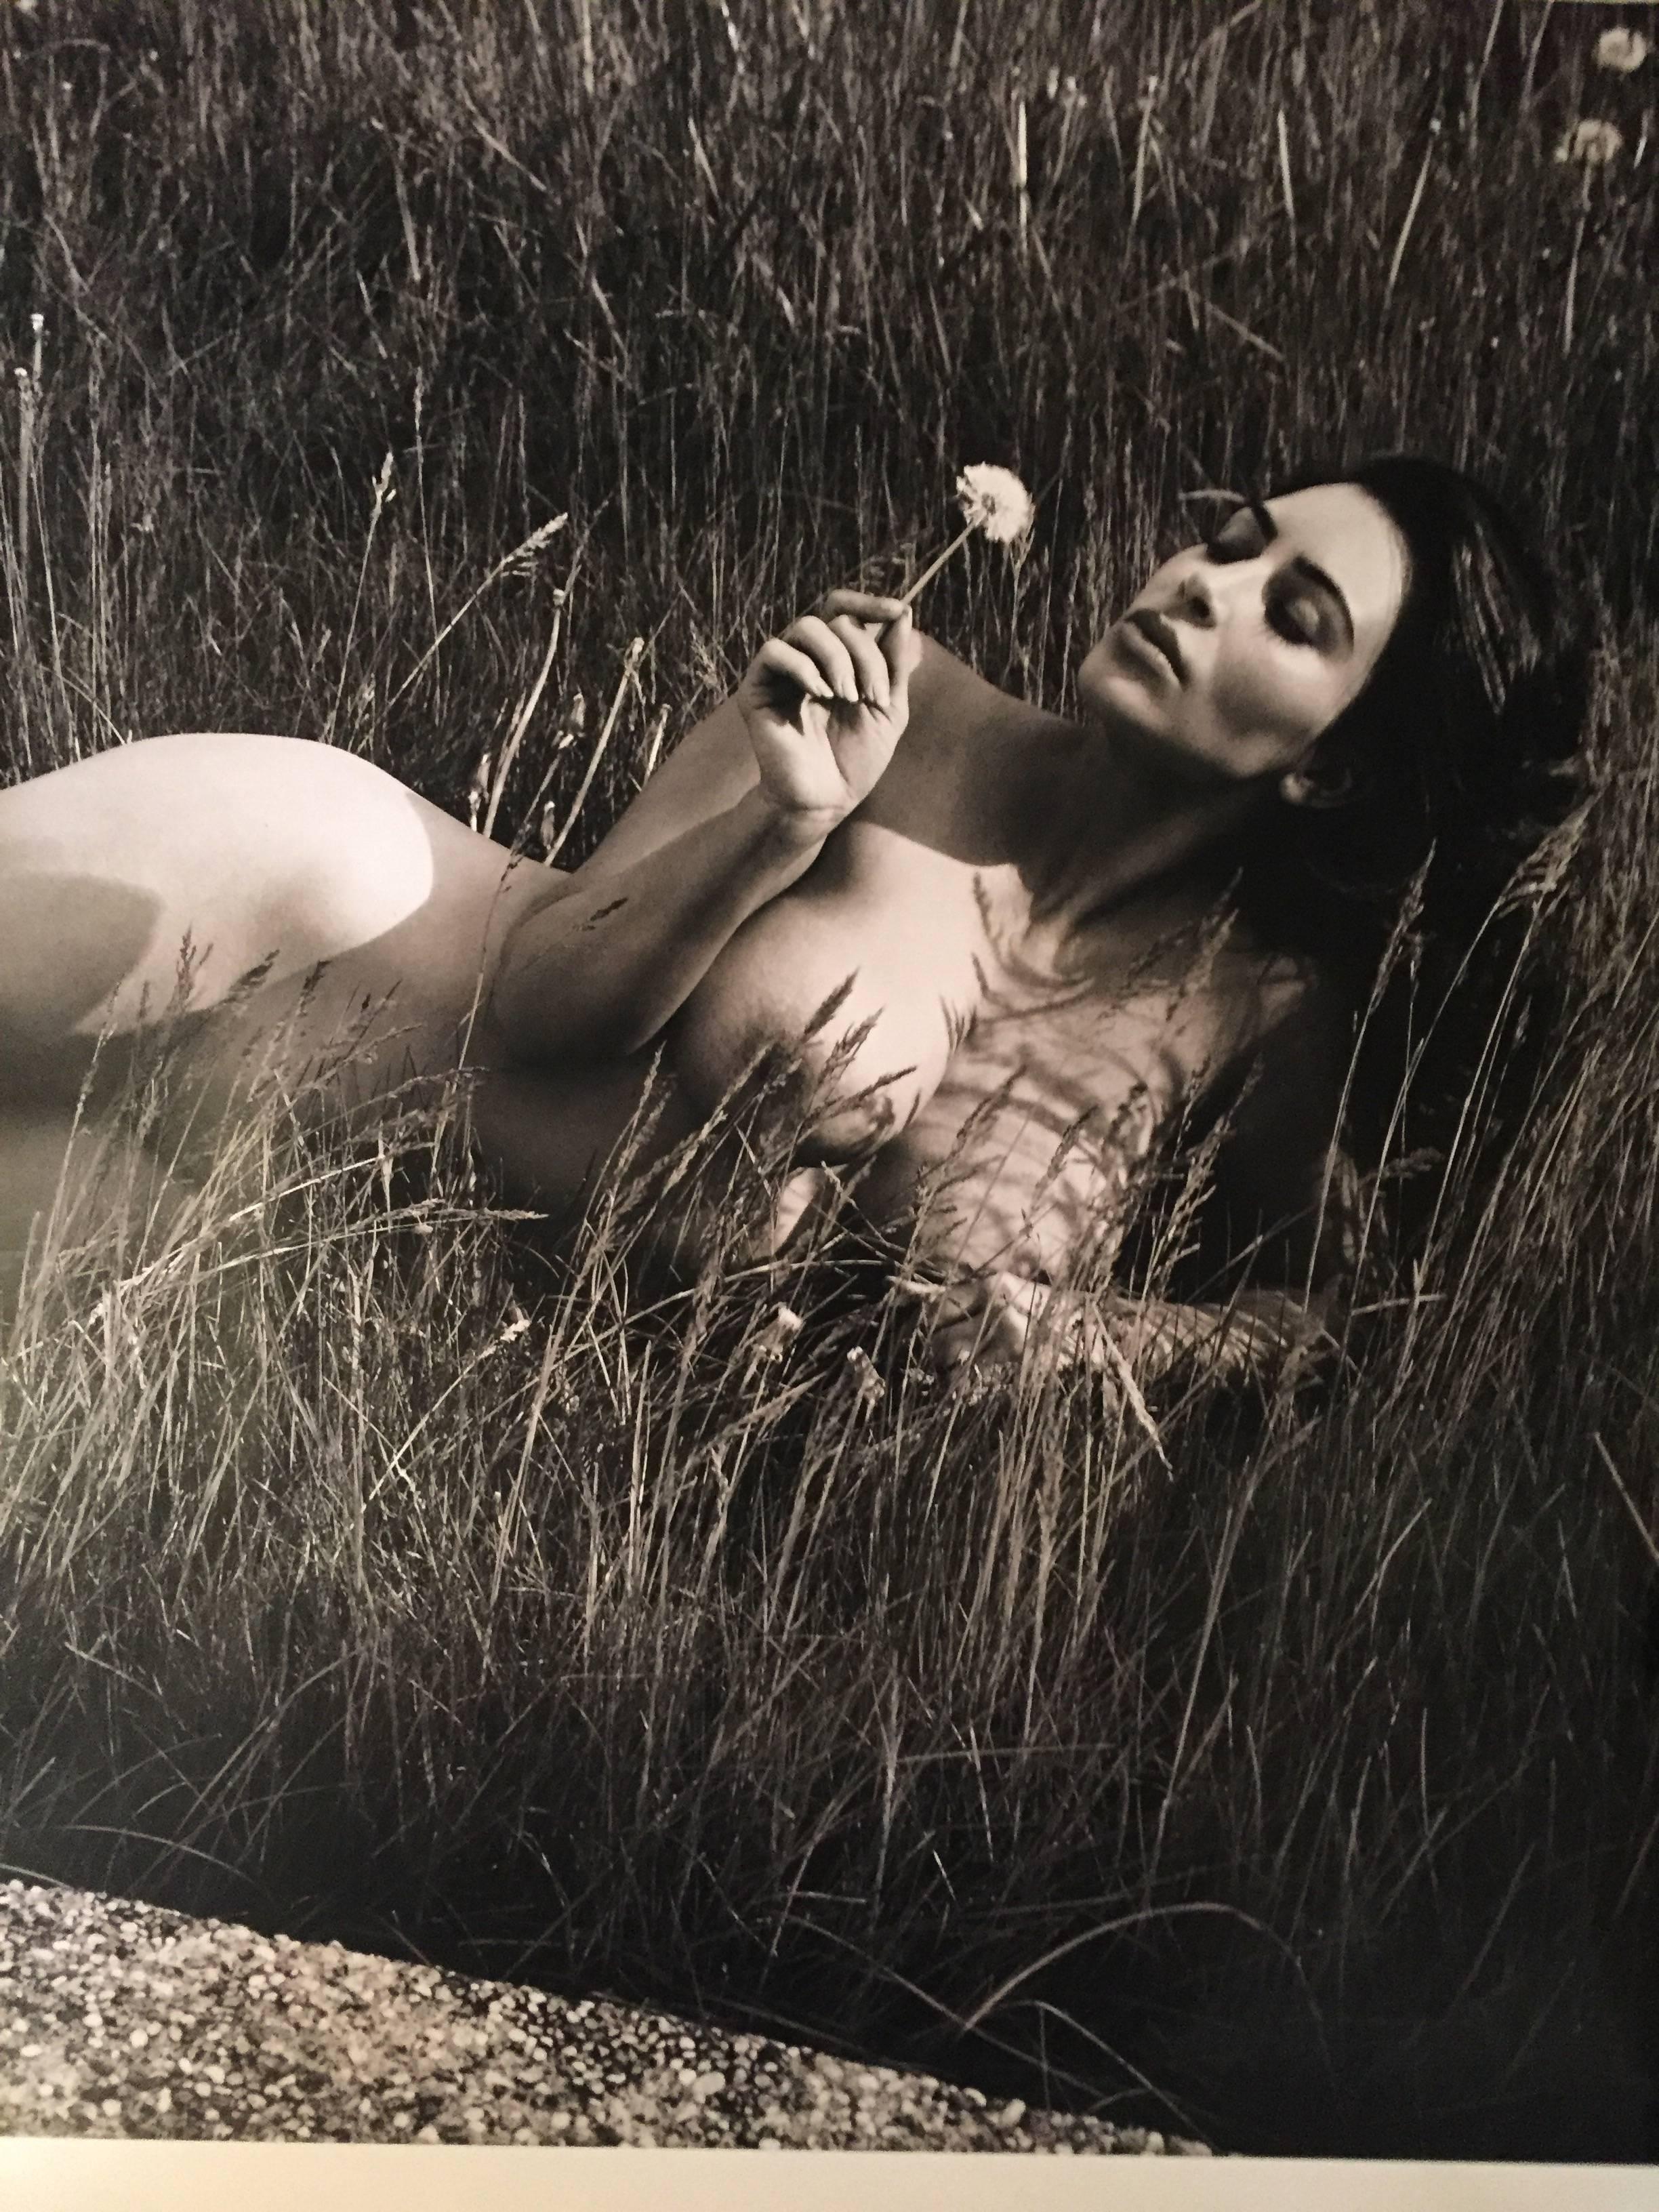 Hanner montaner fully naked uncensored